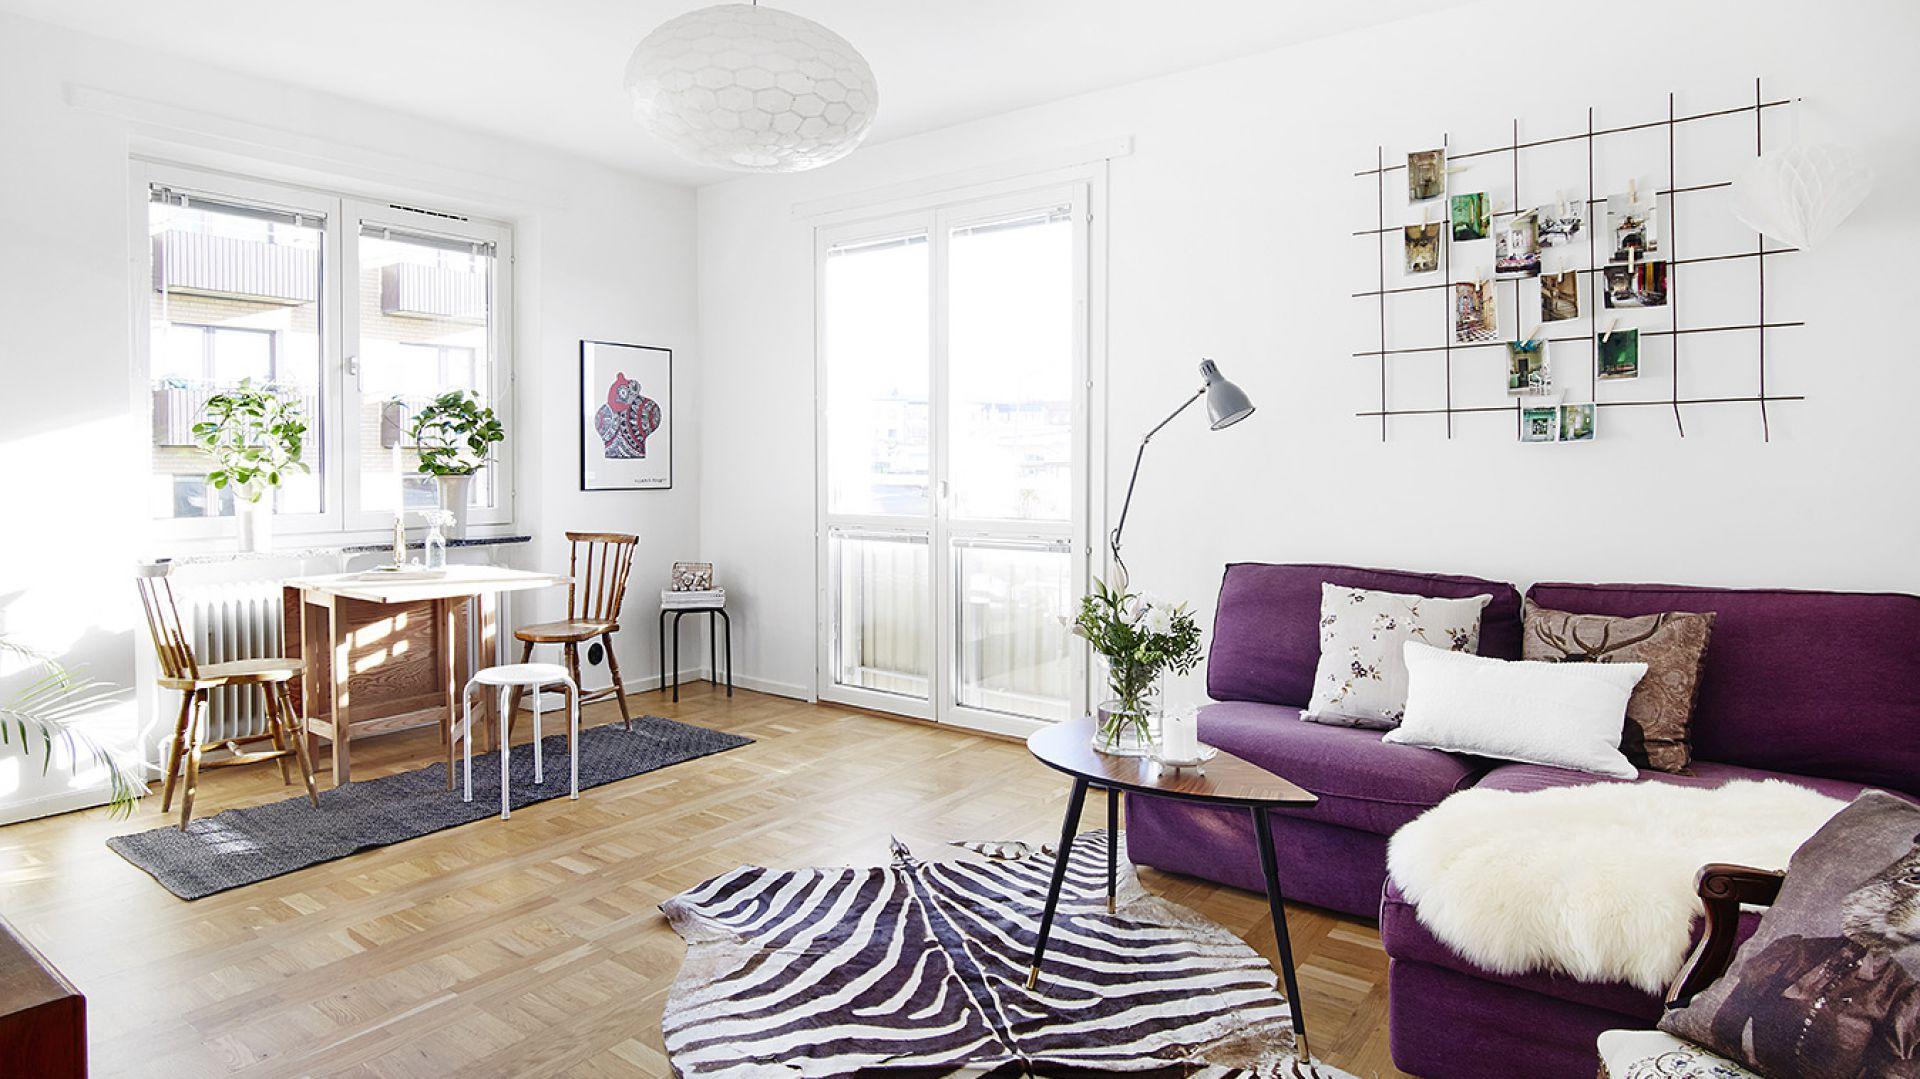 W rogu salonu postawiono drewniany, składany stół, który bez zbędnego odbierania przestrzeni pomieszczeniu, pełni funkcję jadalni. Oświetlony z dwóch stron dziennym światłem, stanowi idealne miejsce na spożycie pysznego śniadania. Fot. Vastanhem.